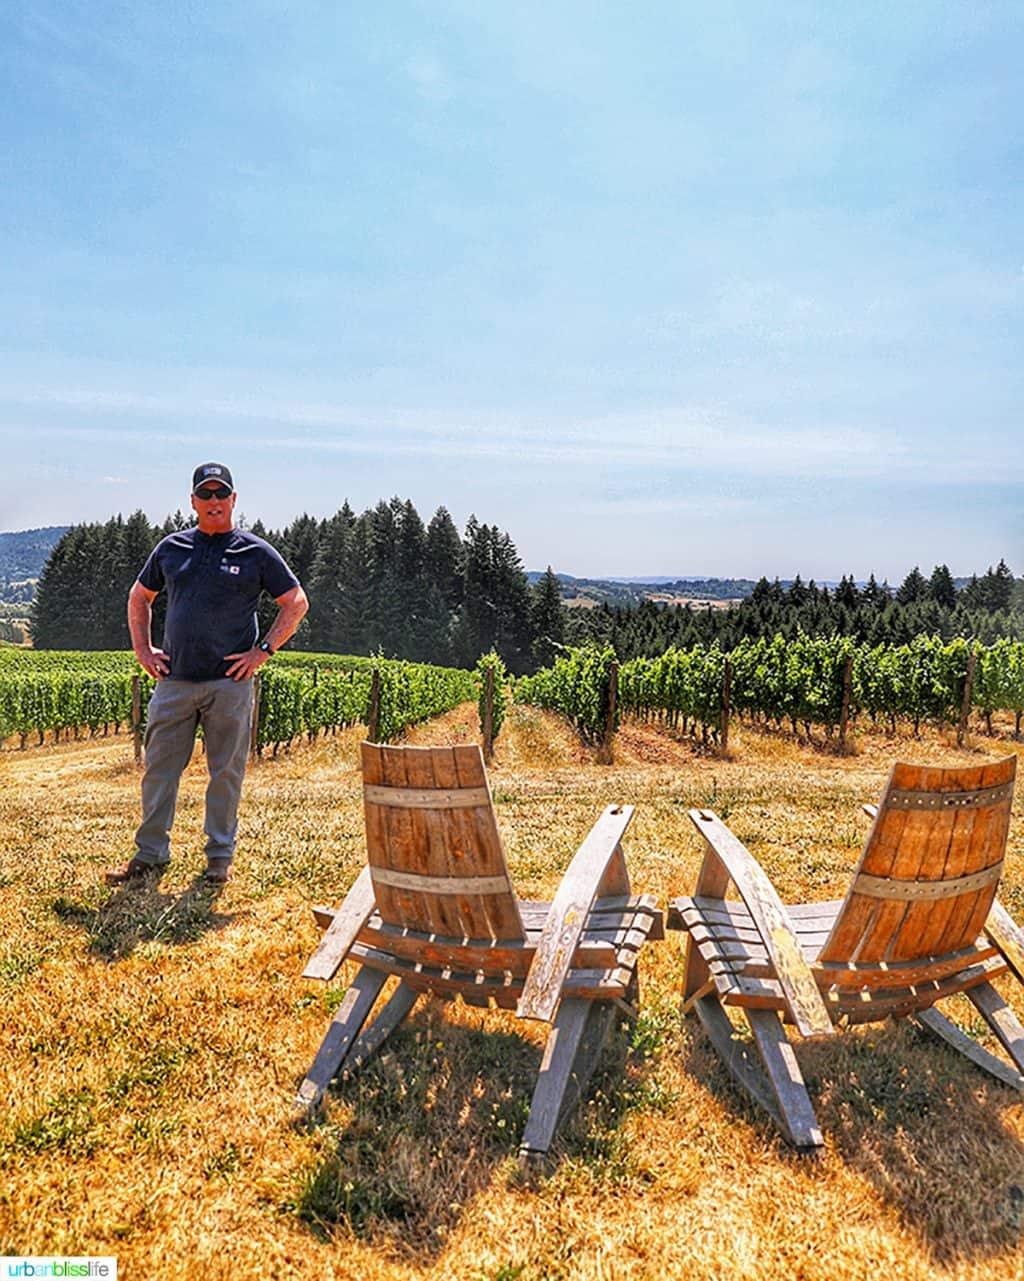 Utopia Vineyard owner Dan Warnshuis